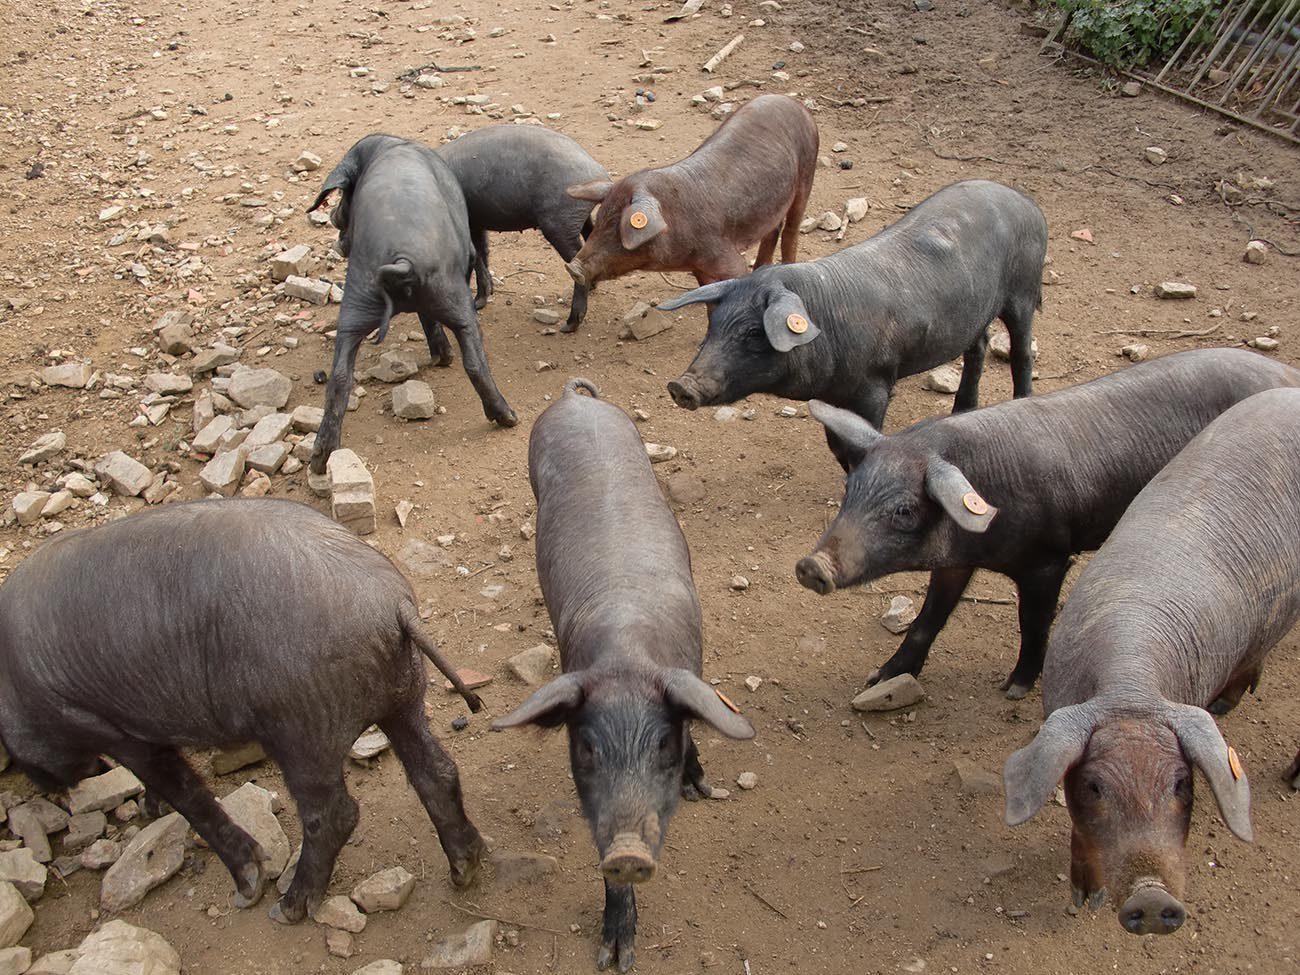 Comment le porc ibérique pata negra est-il élevé ?